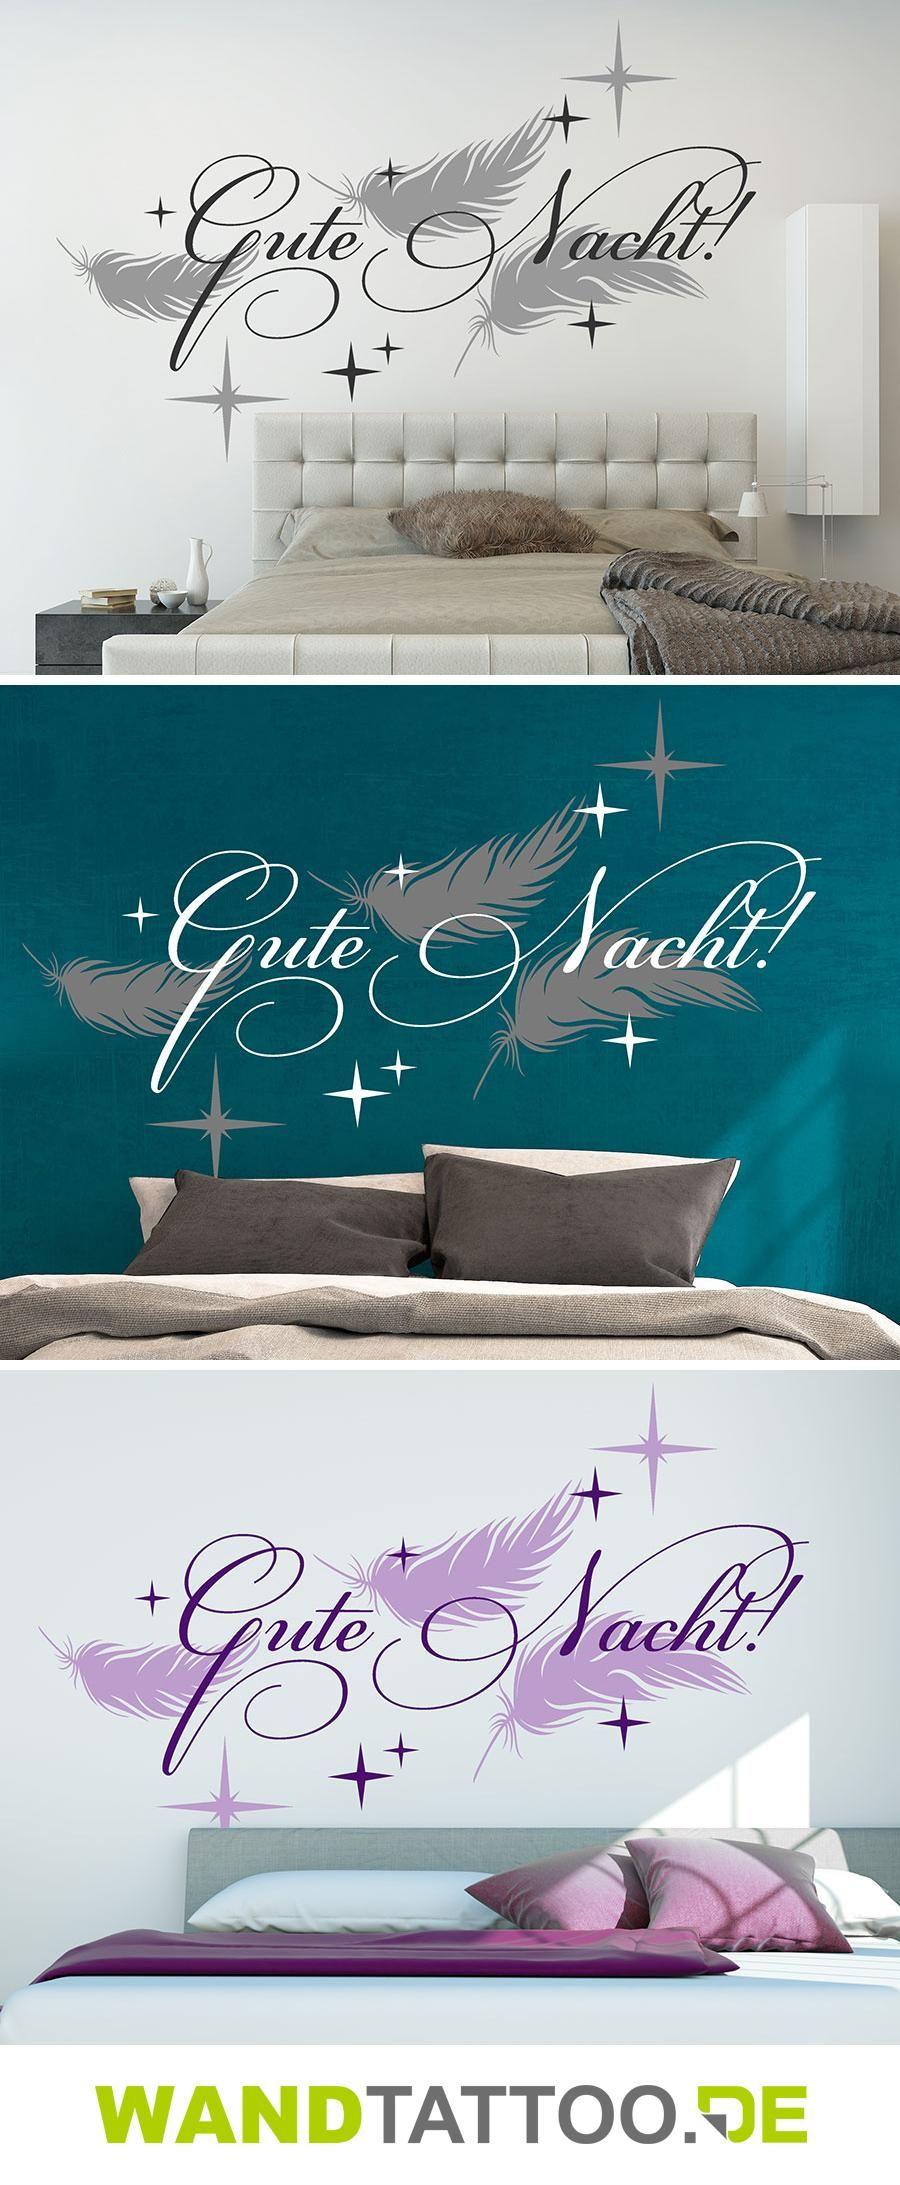 Gute Nacht mit Federn und Sternen | Plotten | Pinterest | Wandtattoo ...